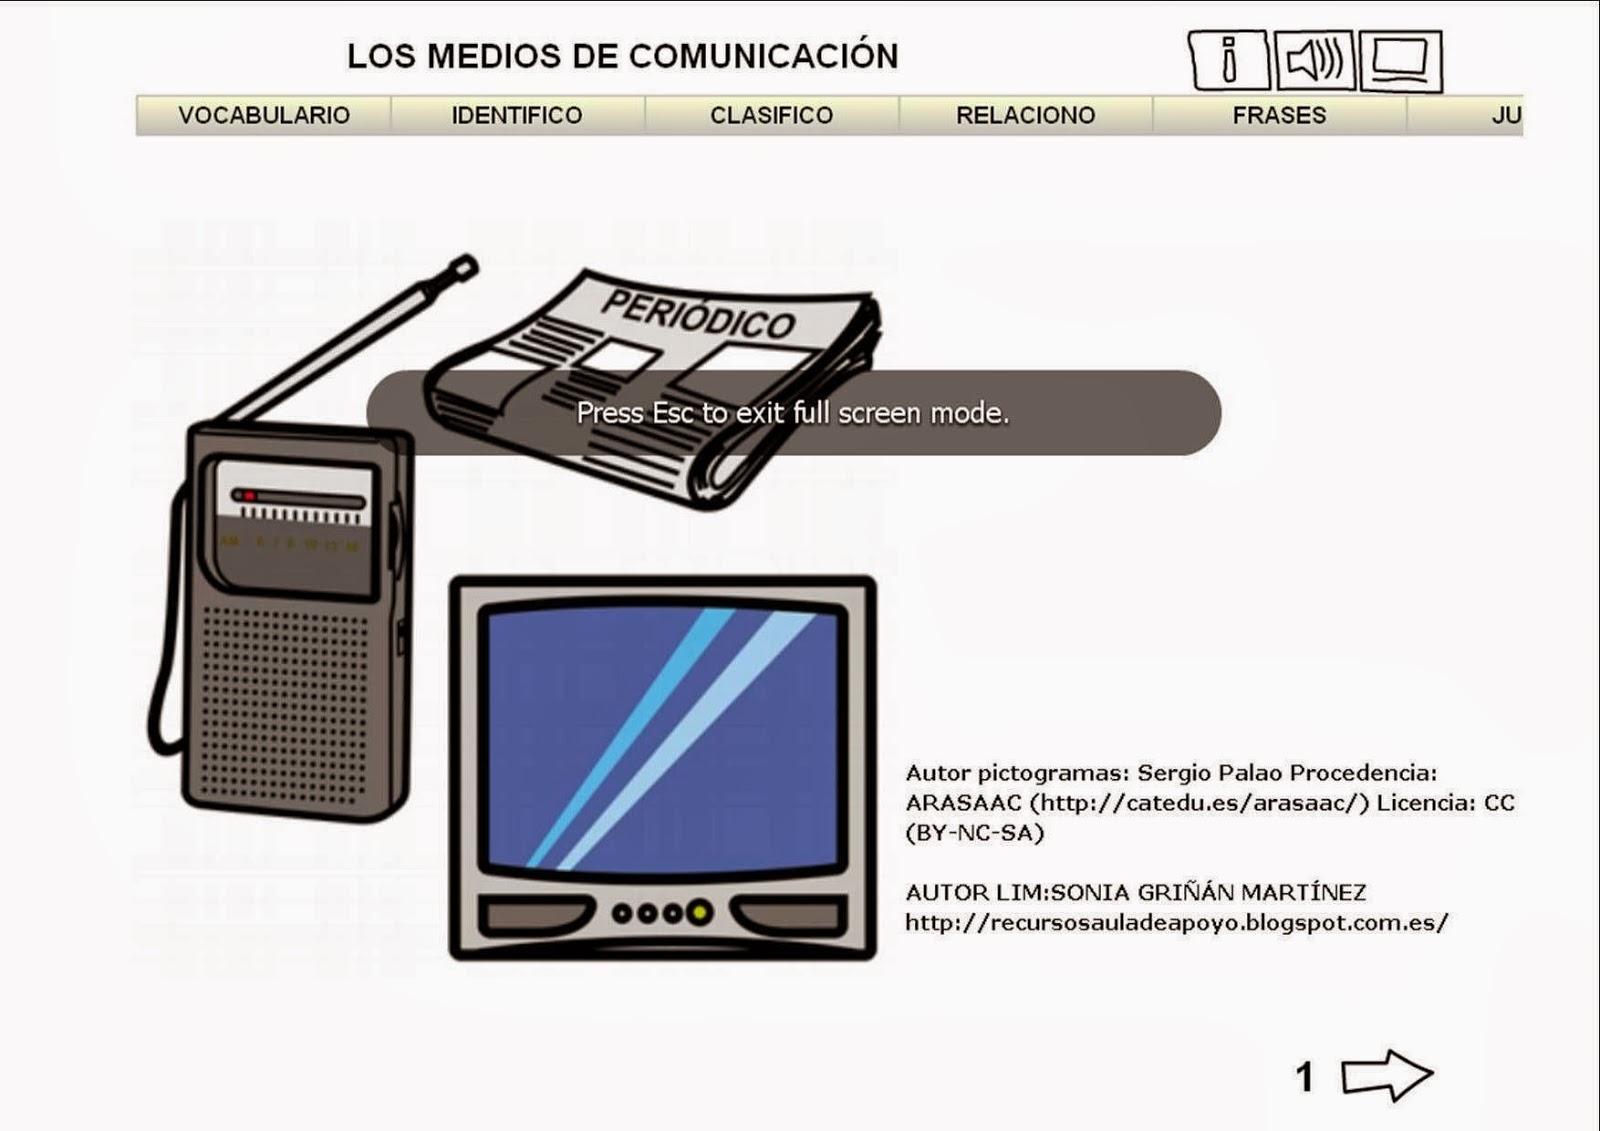 http://recursosauladeapoyo.blogspot.com.es/2013/02/edilimlos-medios-de-comunicacion.html